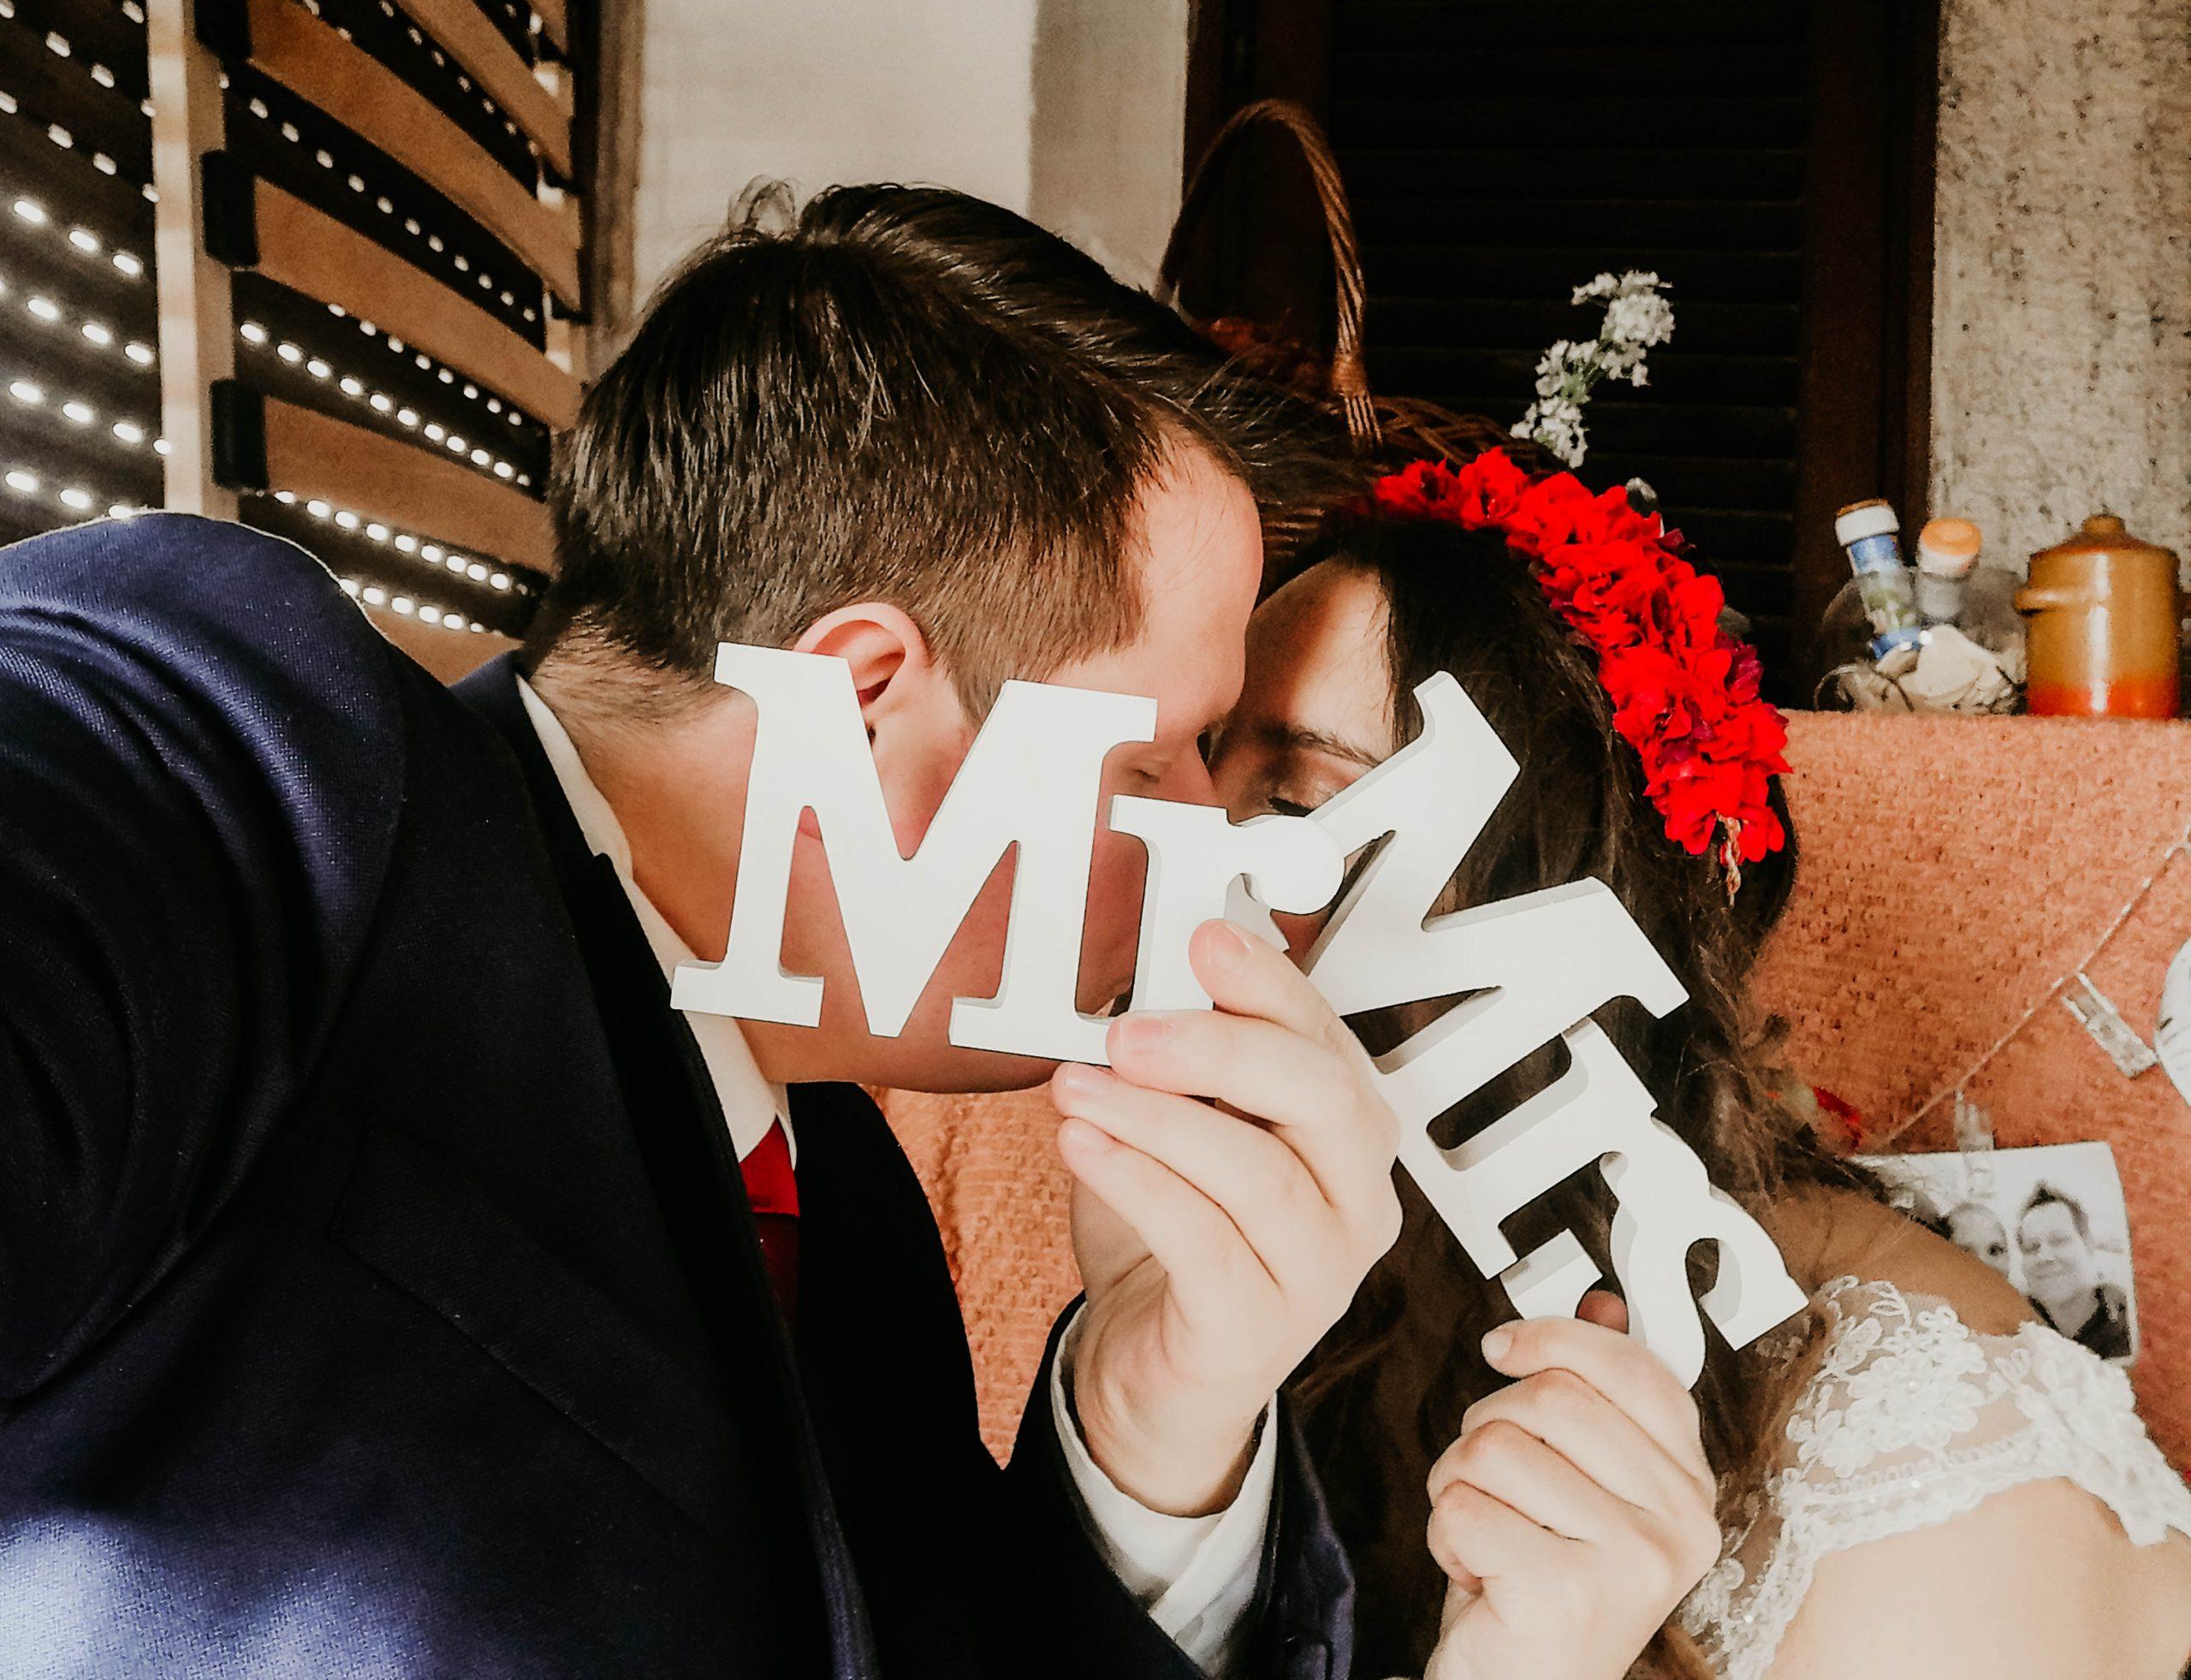 ljubav u doba korone - vjencanje savjeti